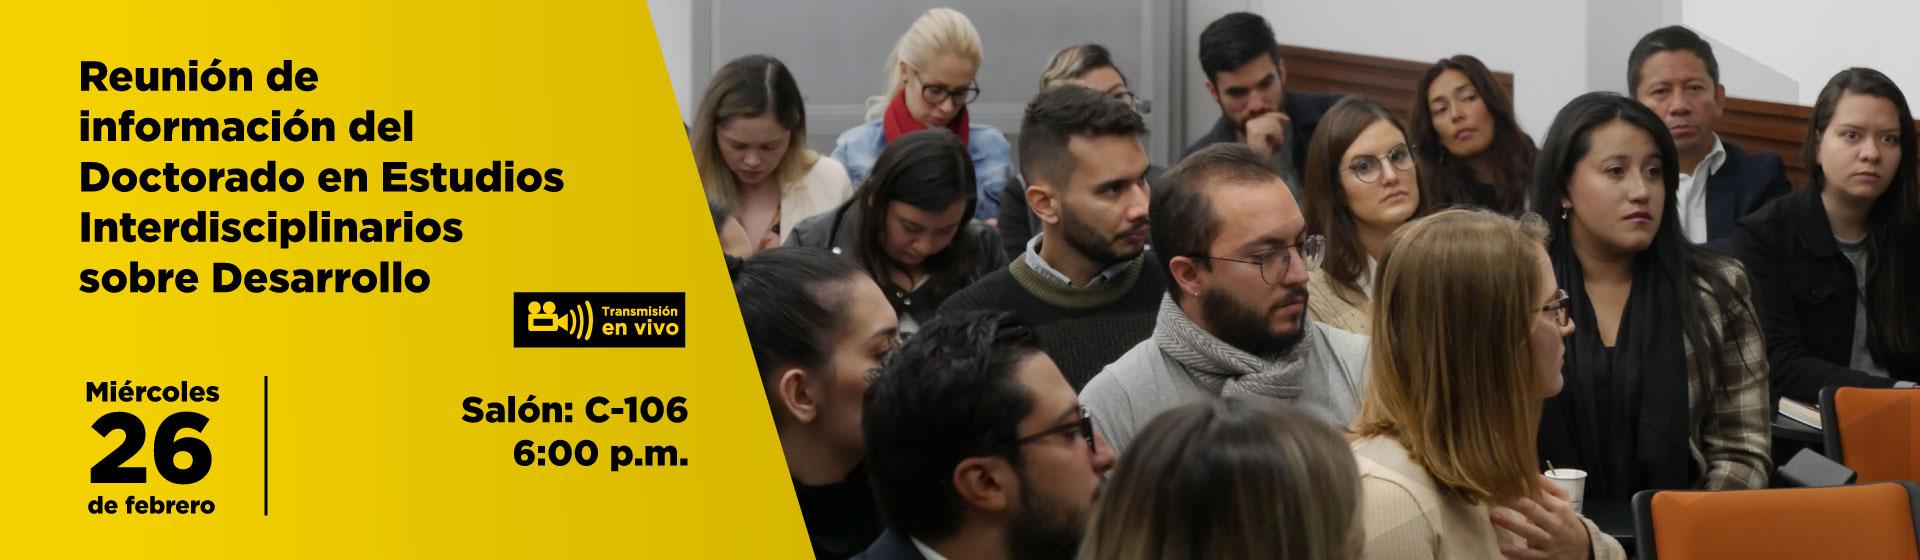 Reunión de información del Doctorado en Estudios Interdisciplinarios sobre Desarrollo Cider | Uniandes